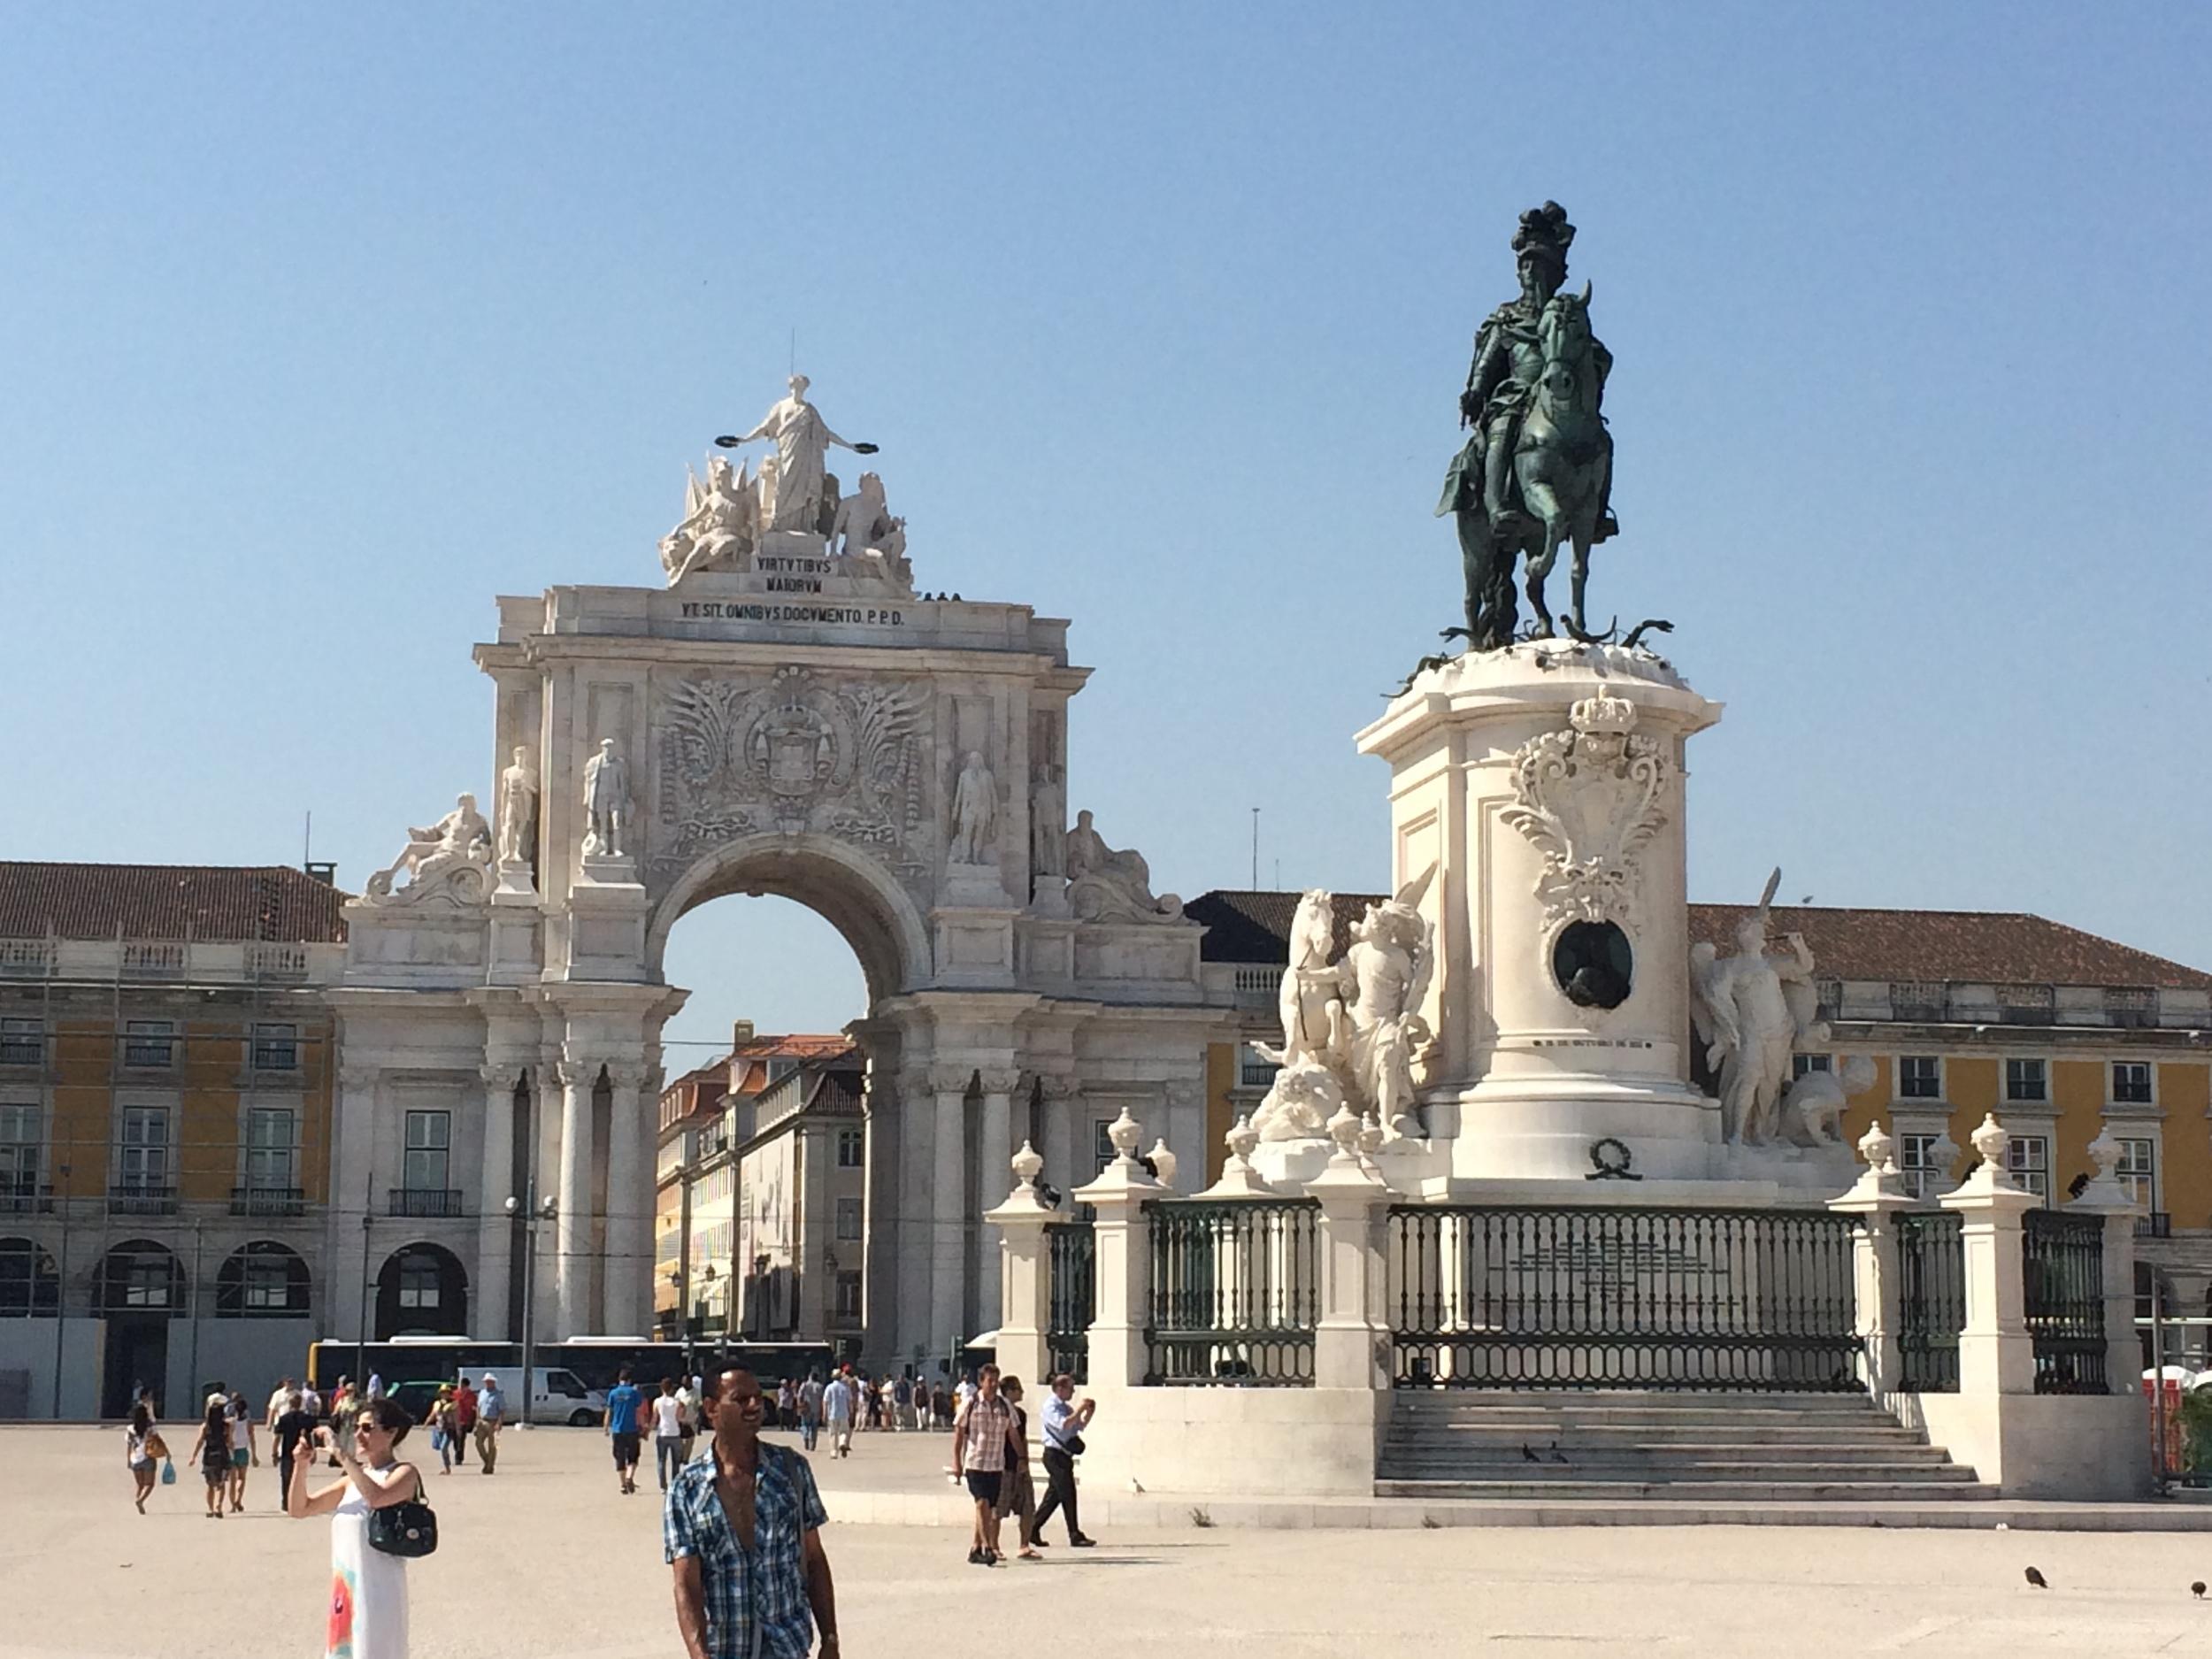 Praça do Comércio with the statue of King José.